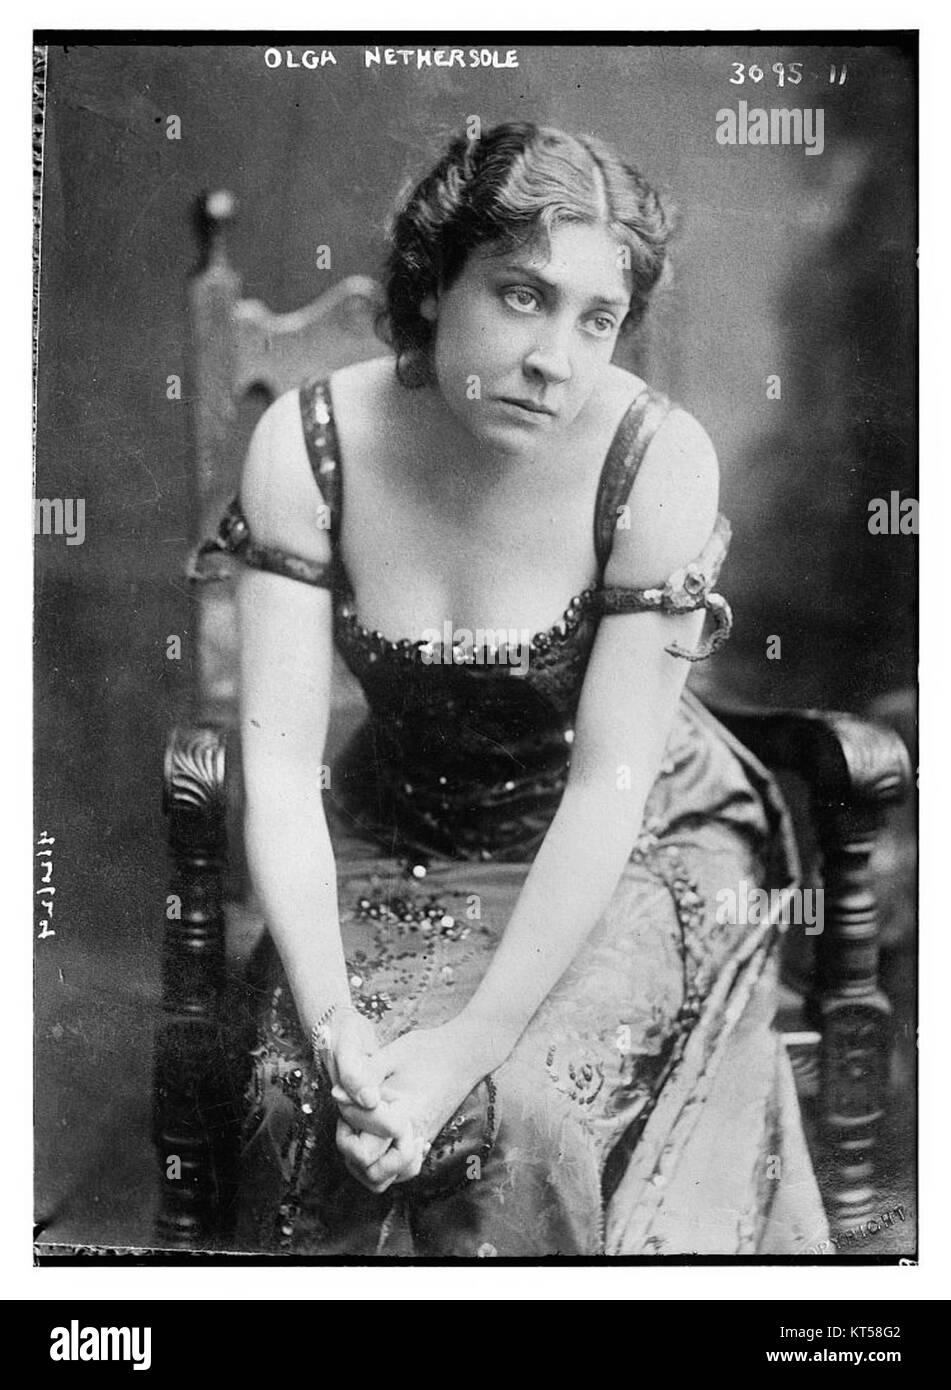 Olga Nethersole - Stock Image